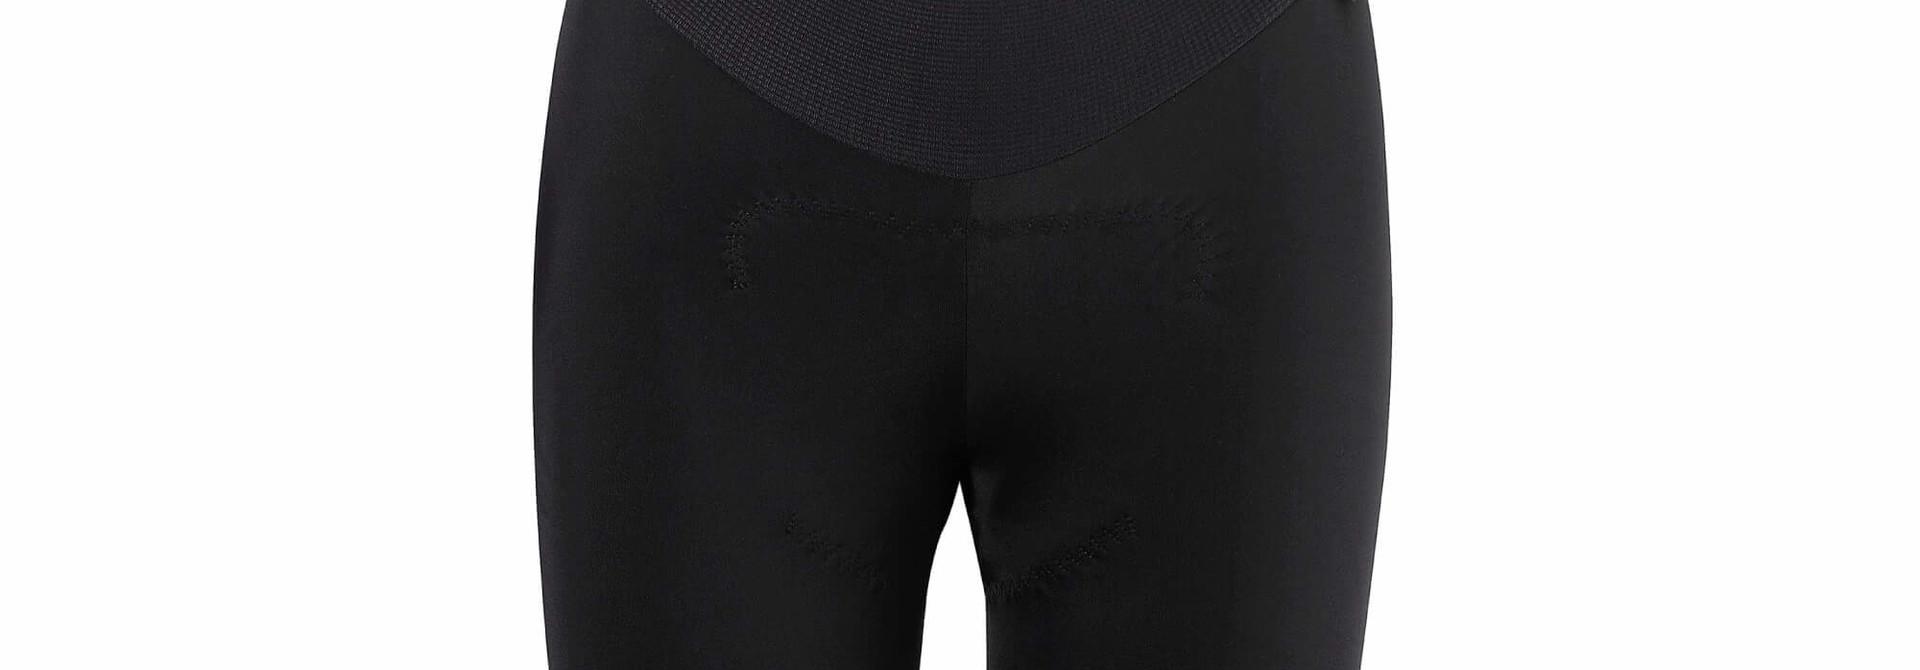 H.Laalalai S7 Lady Block Black Shorts